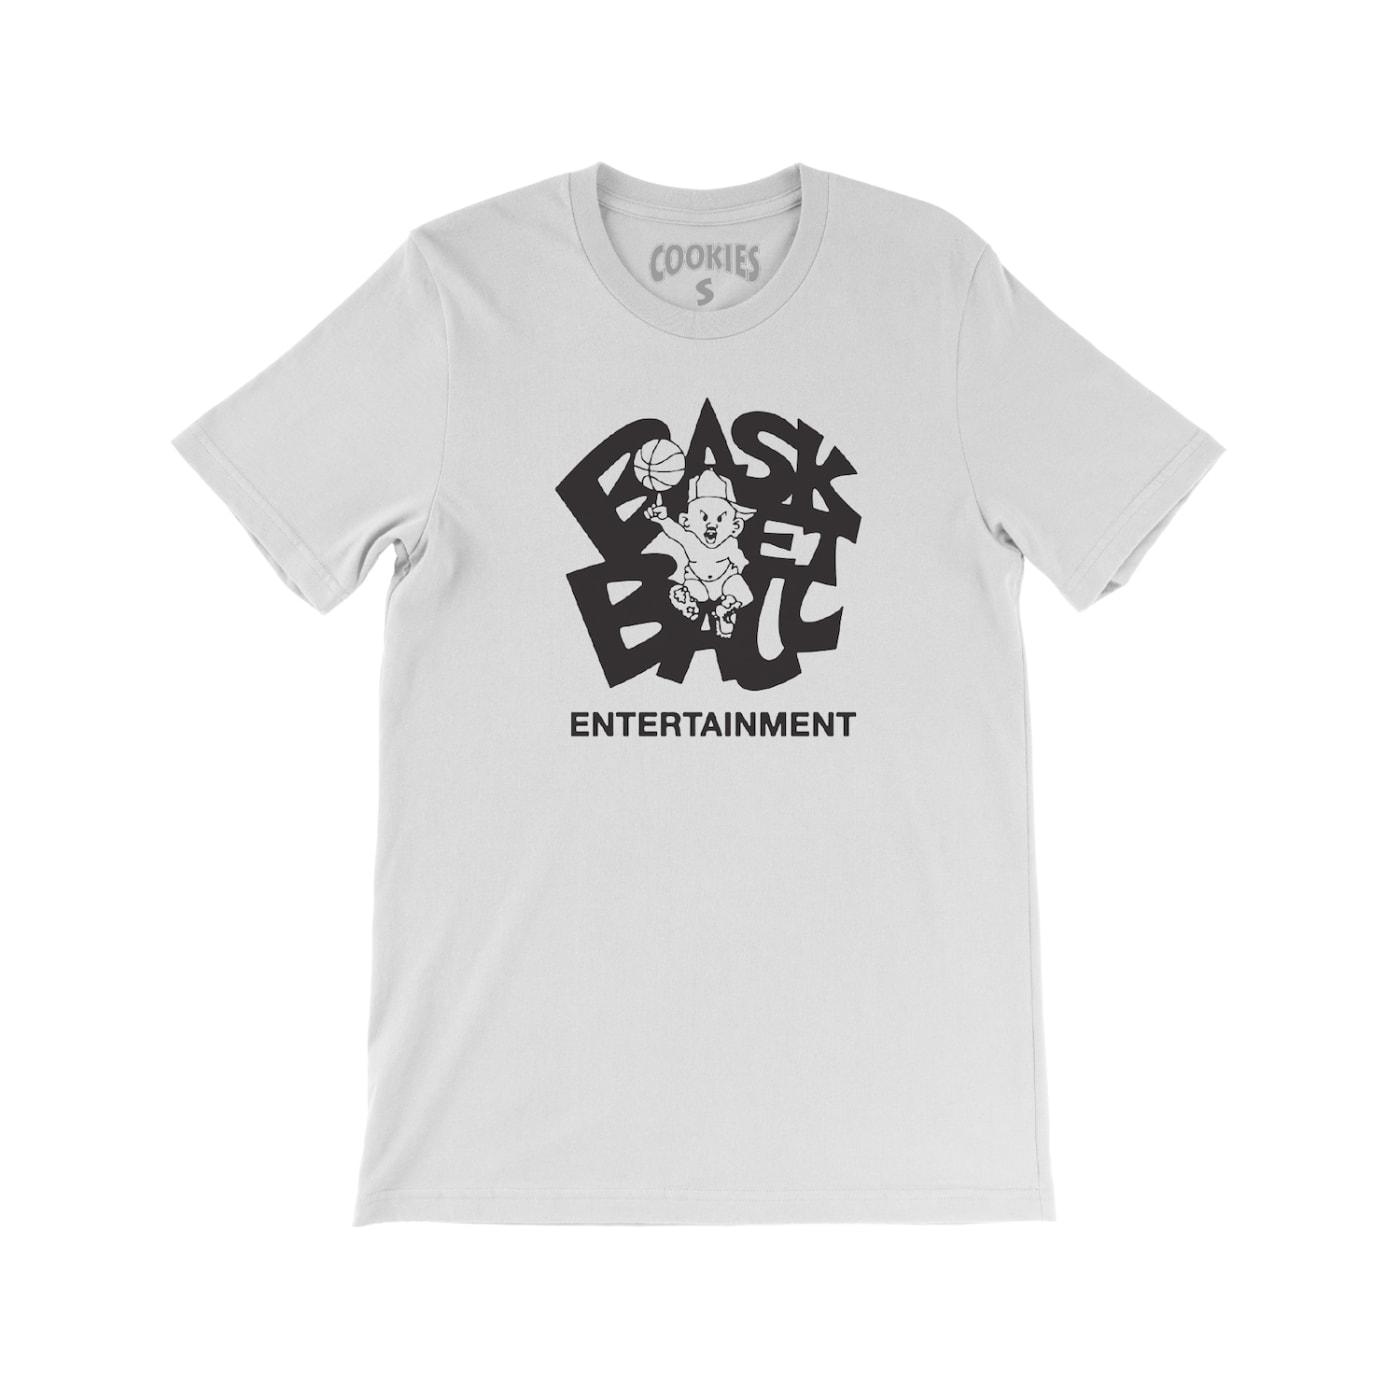 Cookies & Hoops Bad Boy Basketball T-shirt